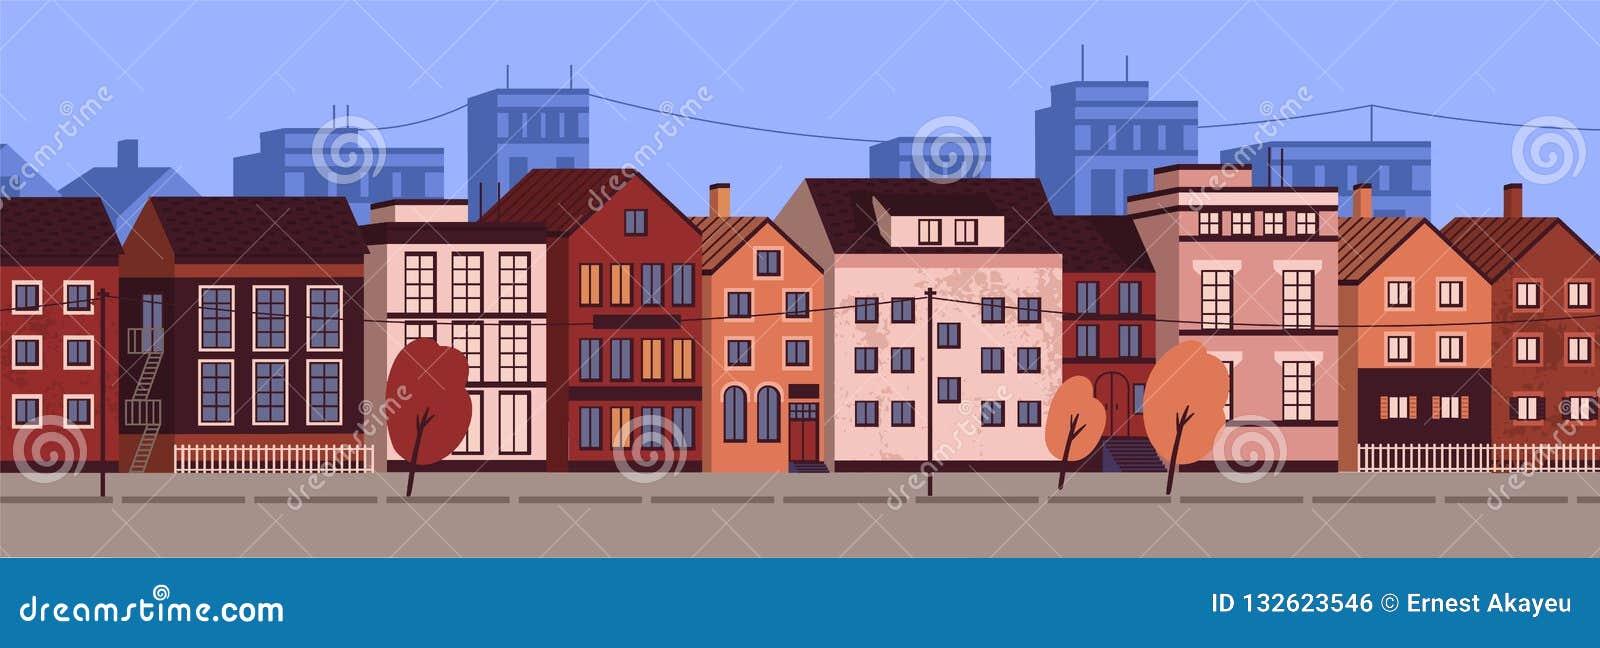 Horizontale stedelijke landschap of cityscape met voorgevels van woningbouw Straatmening van district met modern